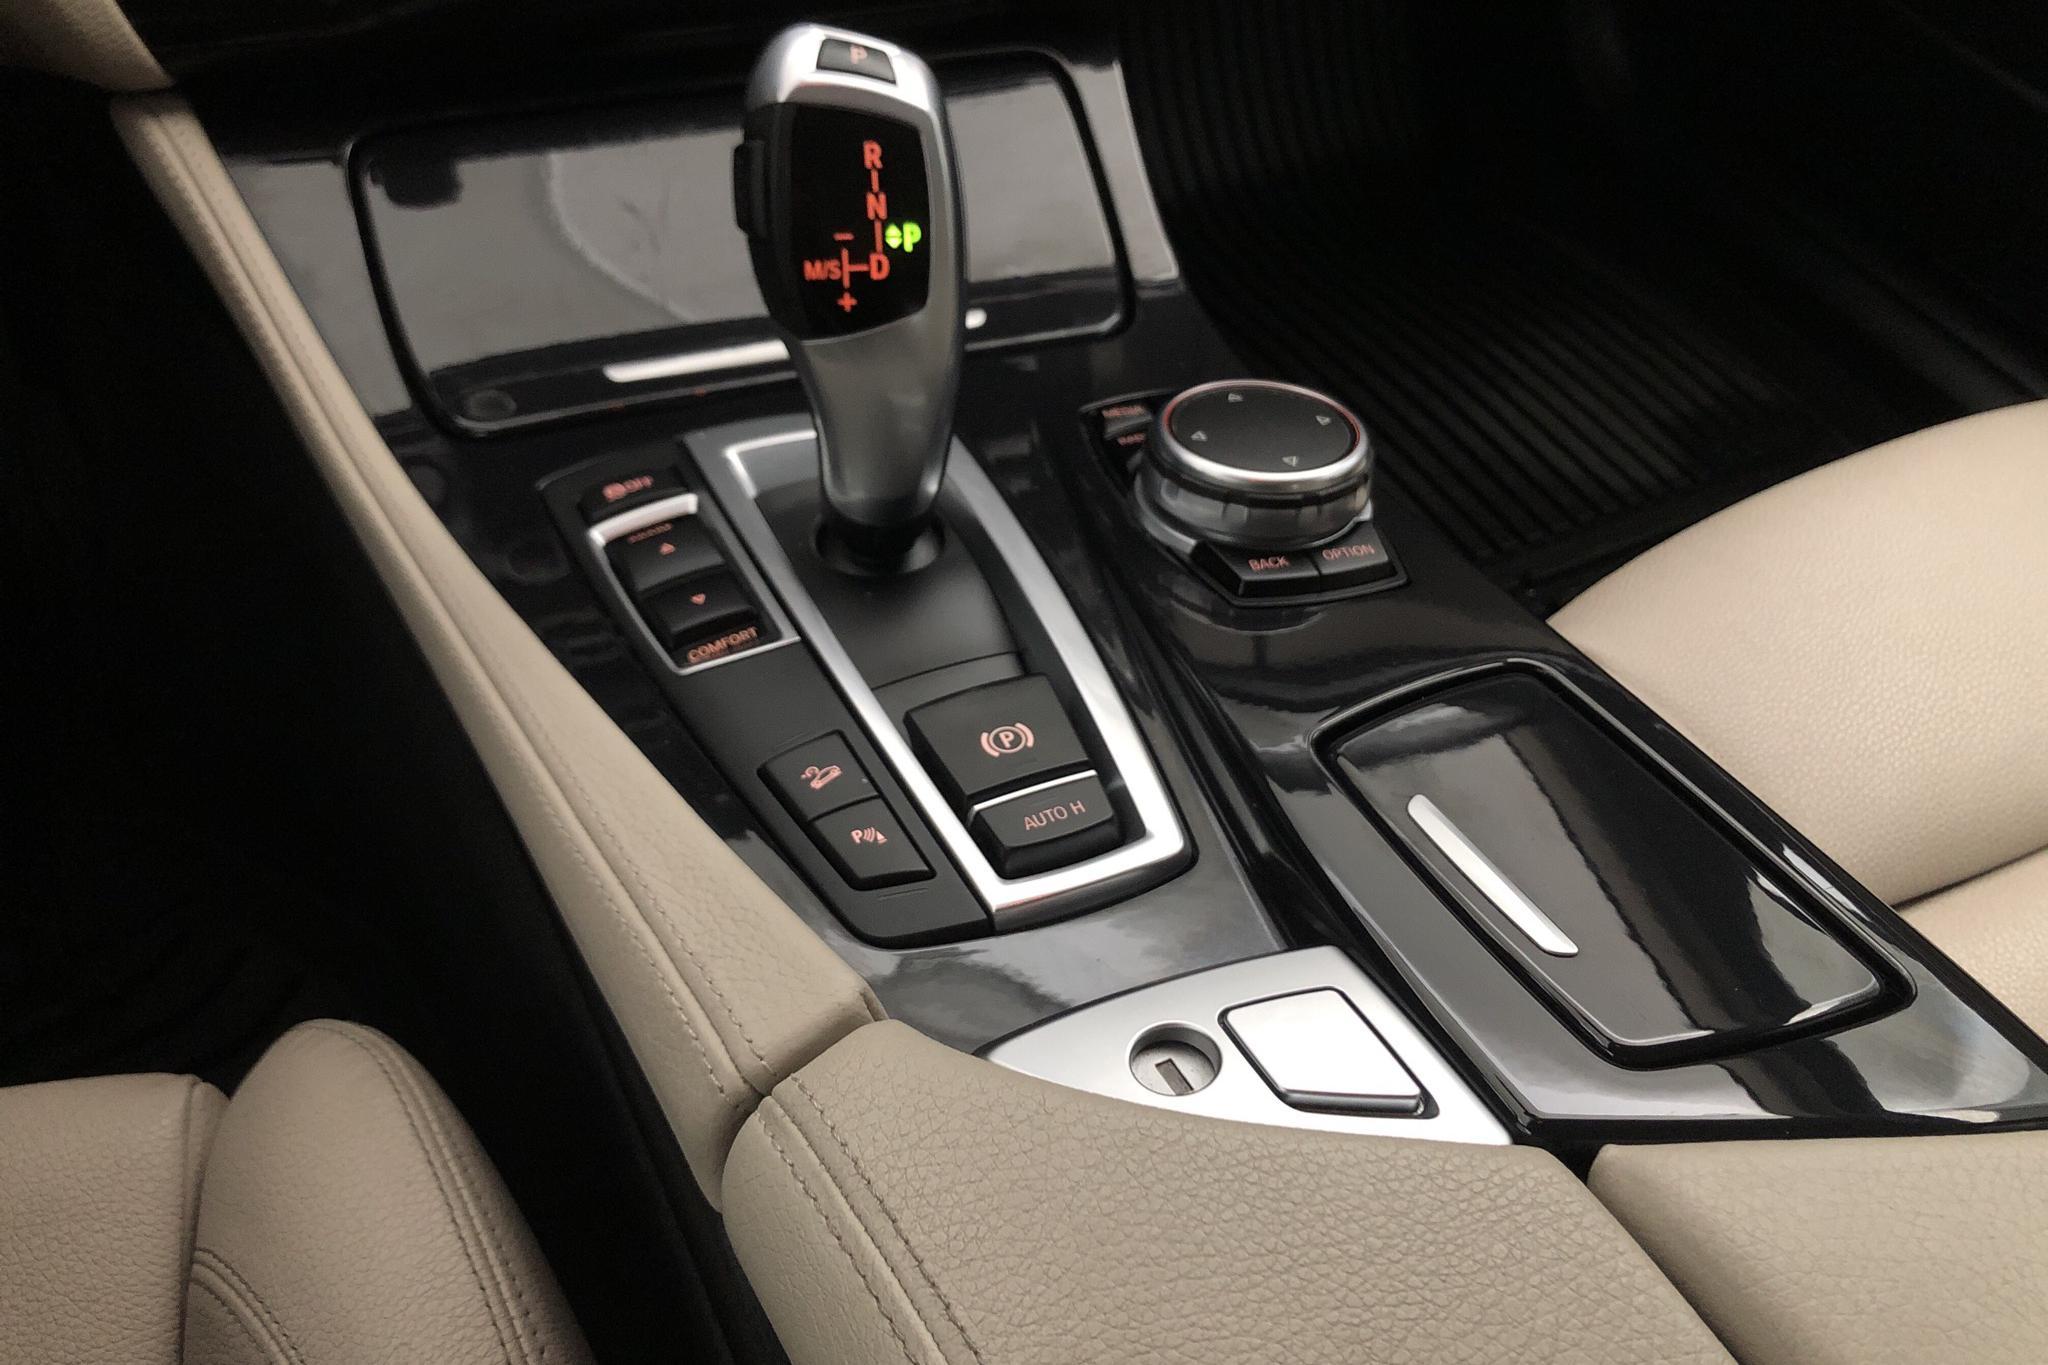 BMW 520d xDrive Touring, F11 (190hk) - 120 360 km - Automatic - gray - 2016